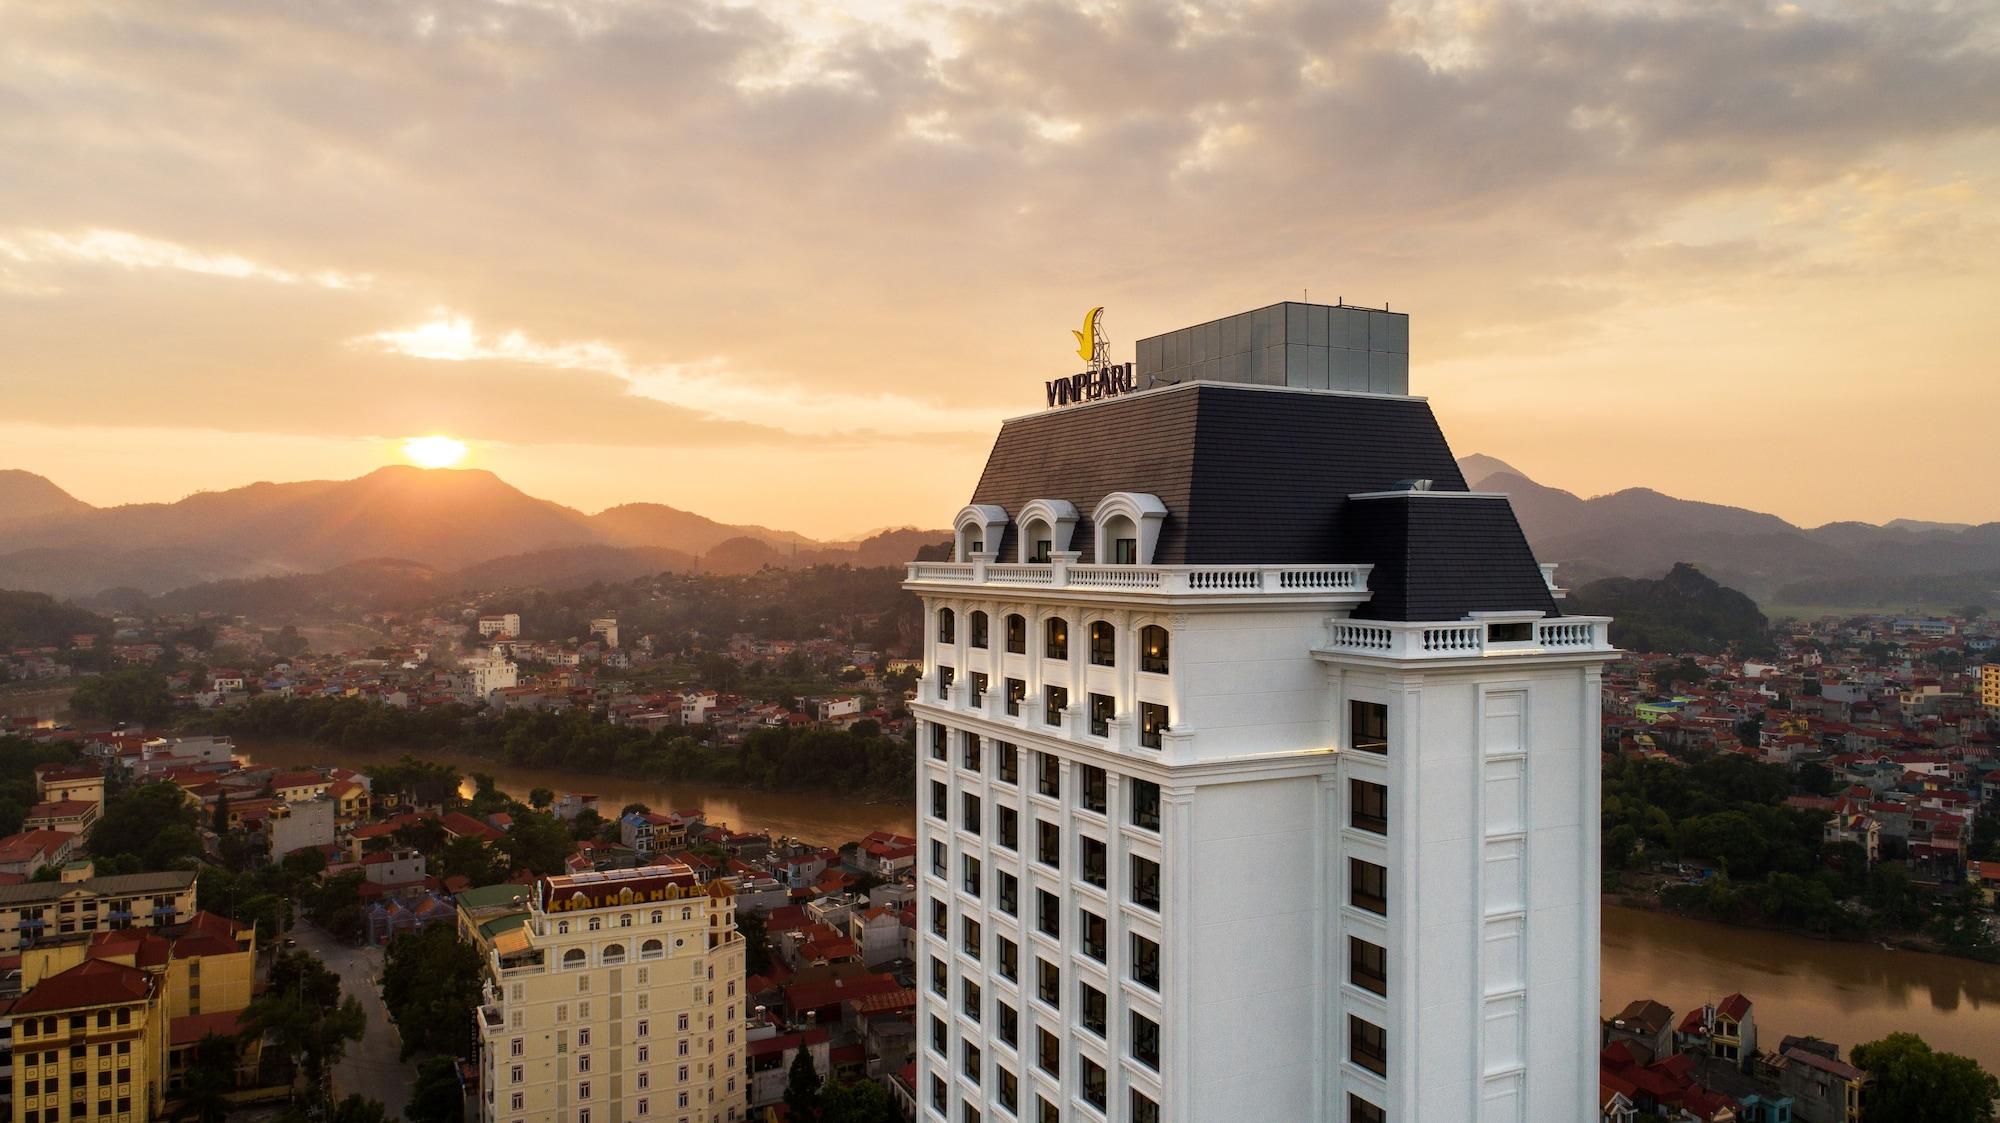 Vinpearl Hotel Tay Ninh, Tây Ninh